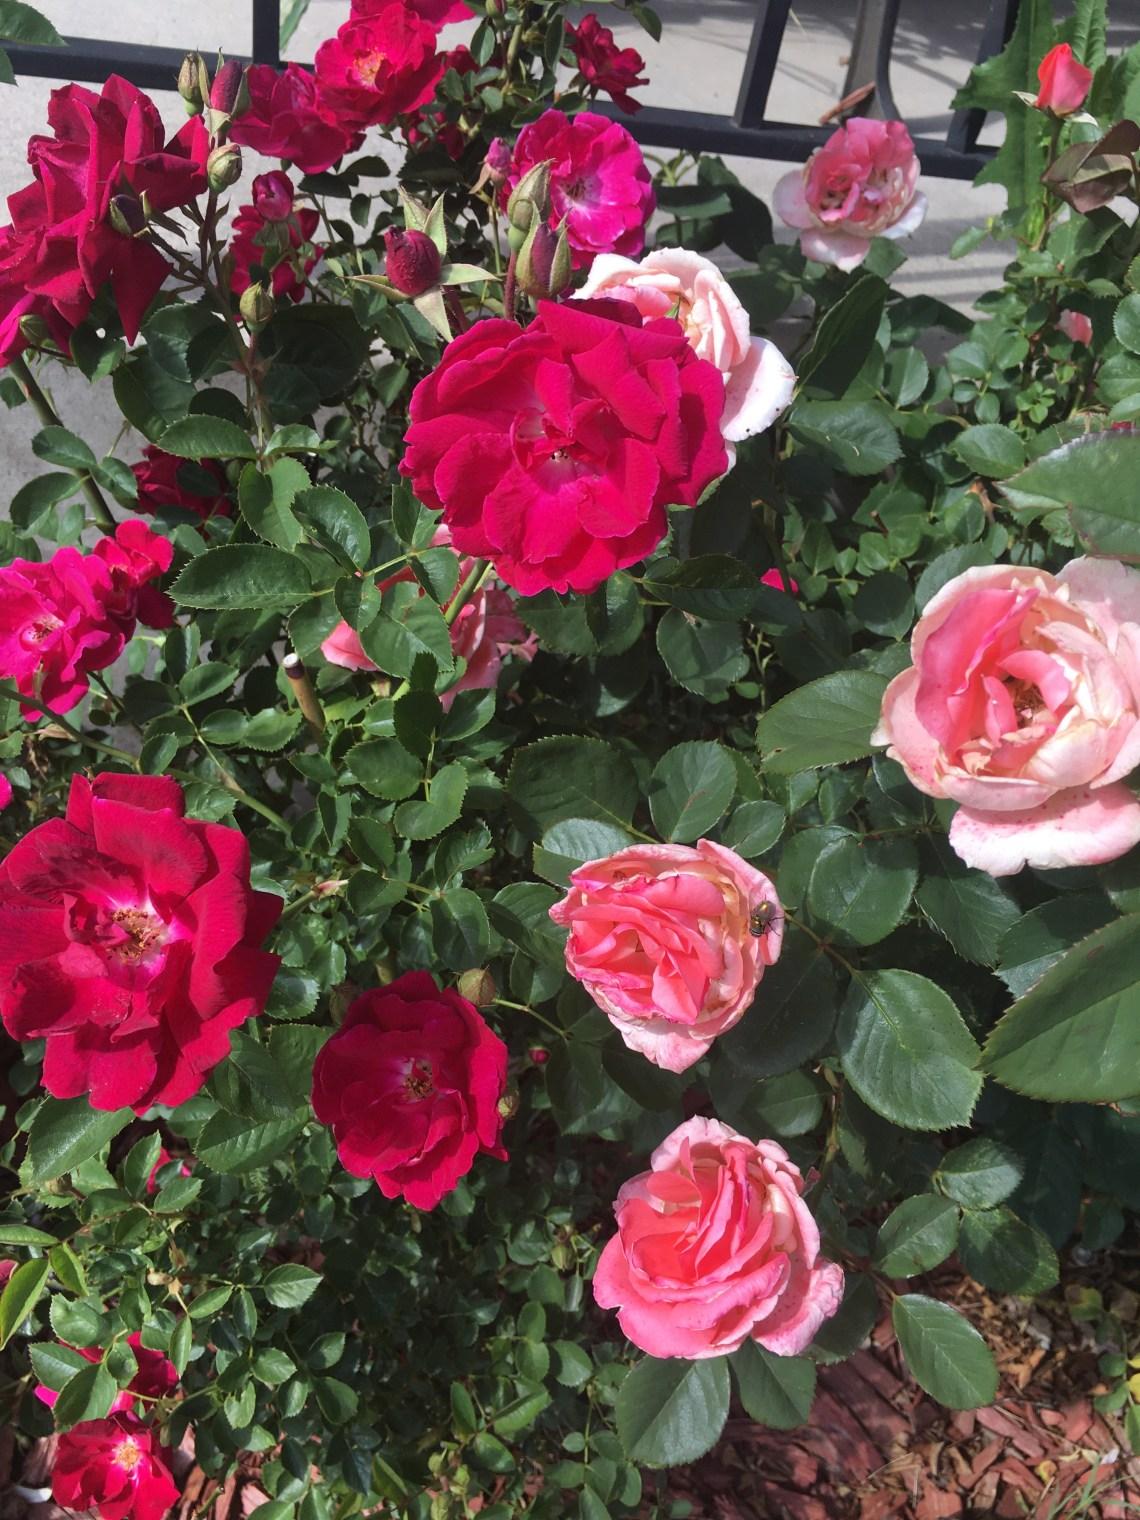 DIY rosewater